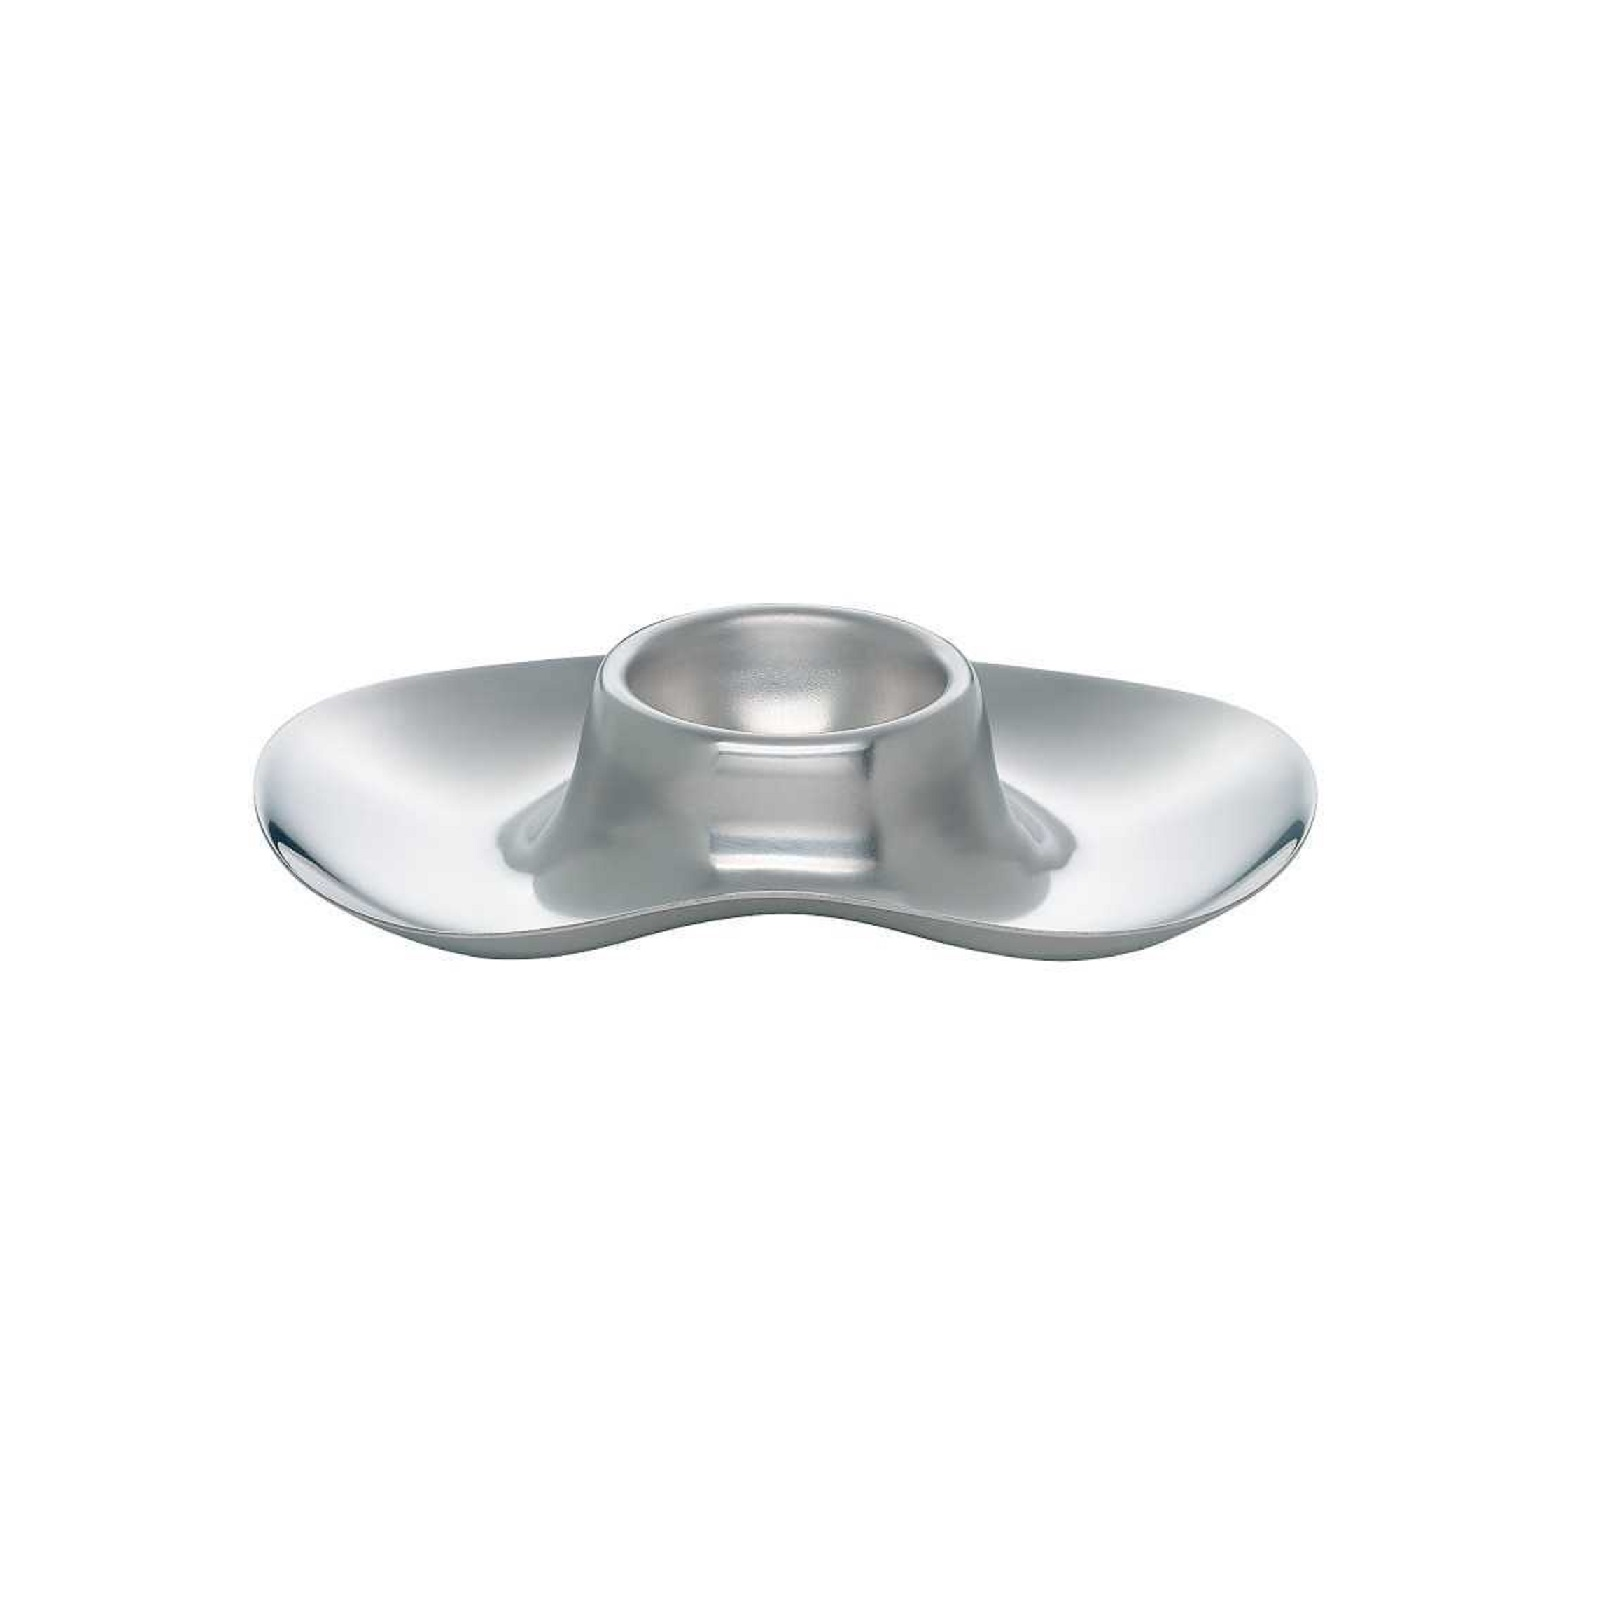 Подставка для яйца WMF,13,5x8,5 см, серый WMF 06 1703 9990 фото 1